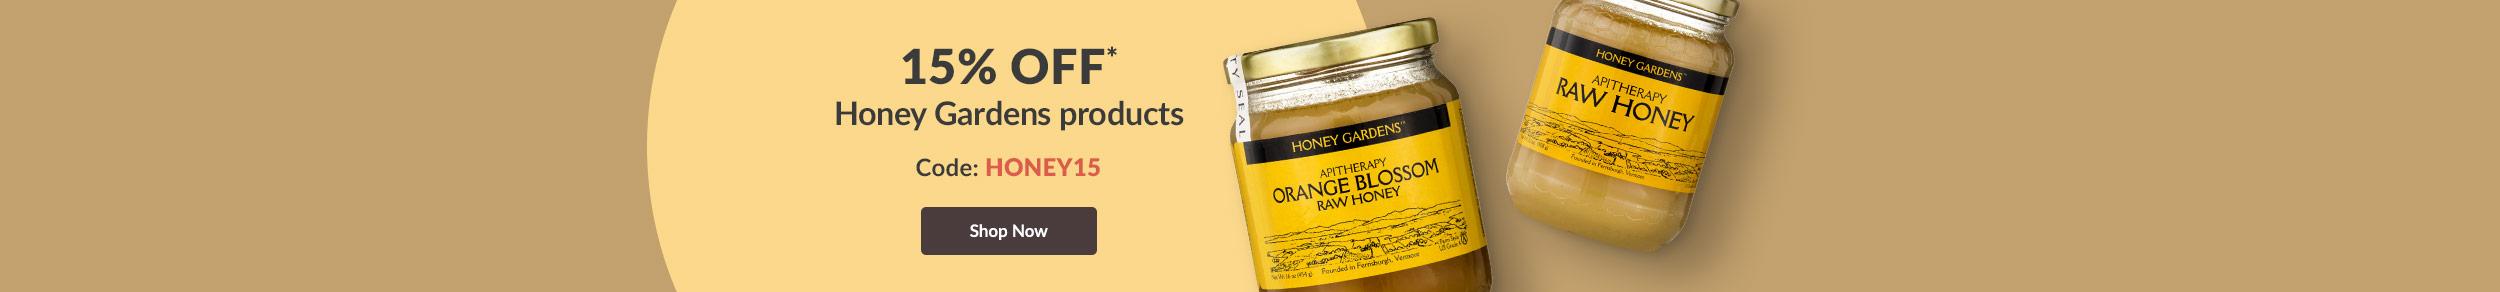 https://i3.pureformulas.net/images/static/Honey_Gardens_Food_Store_022820.jpg